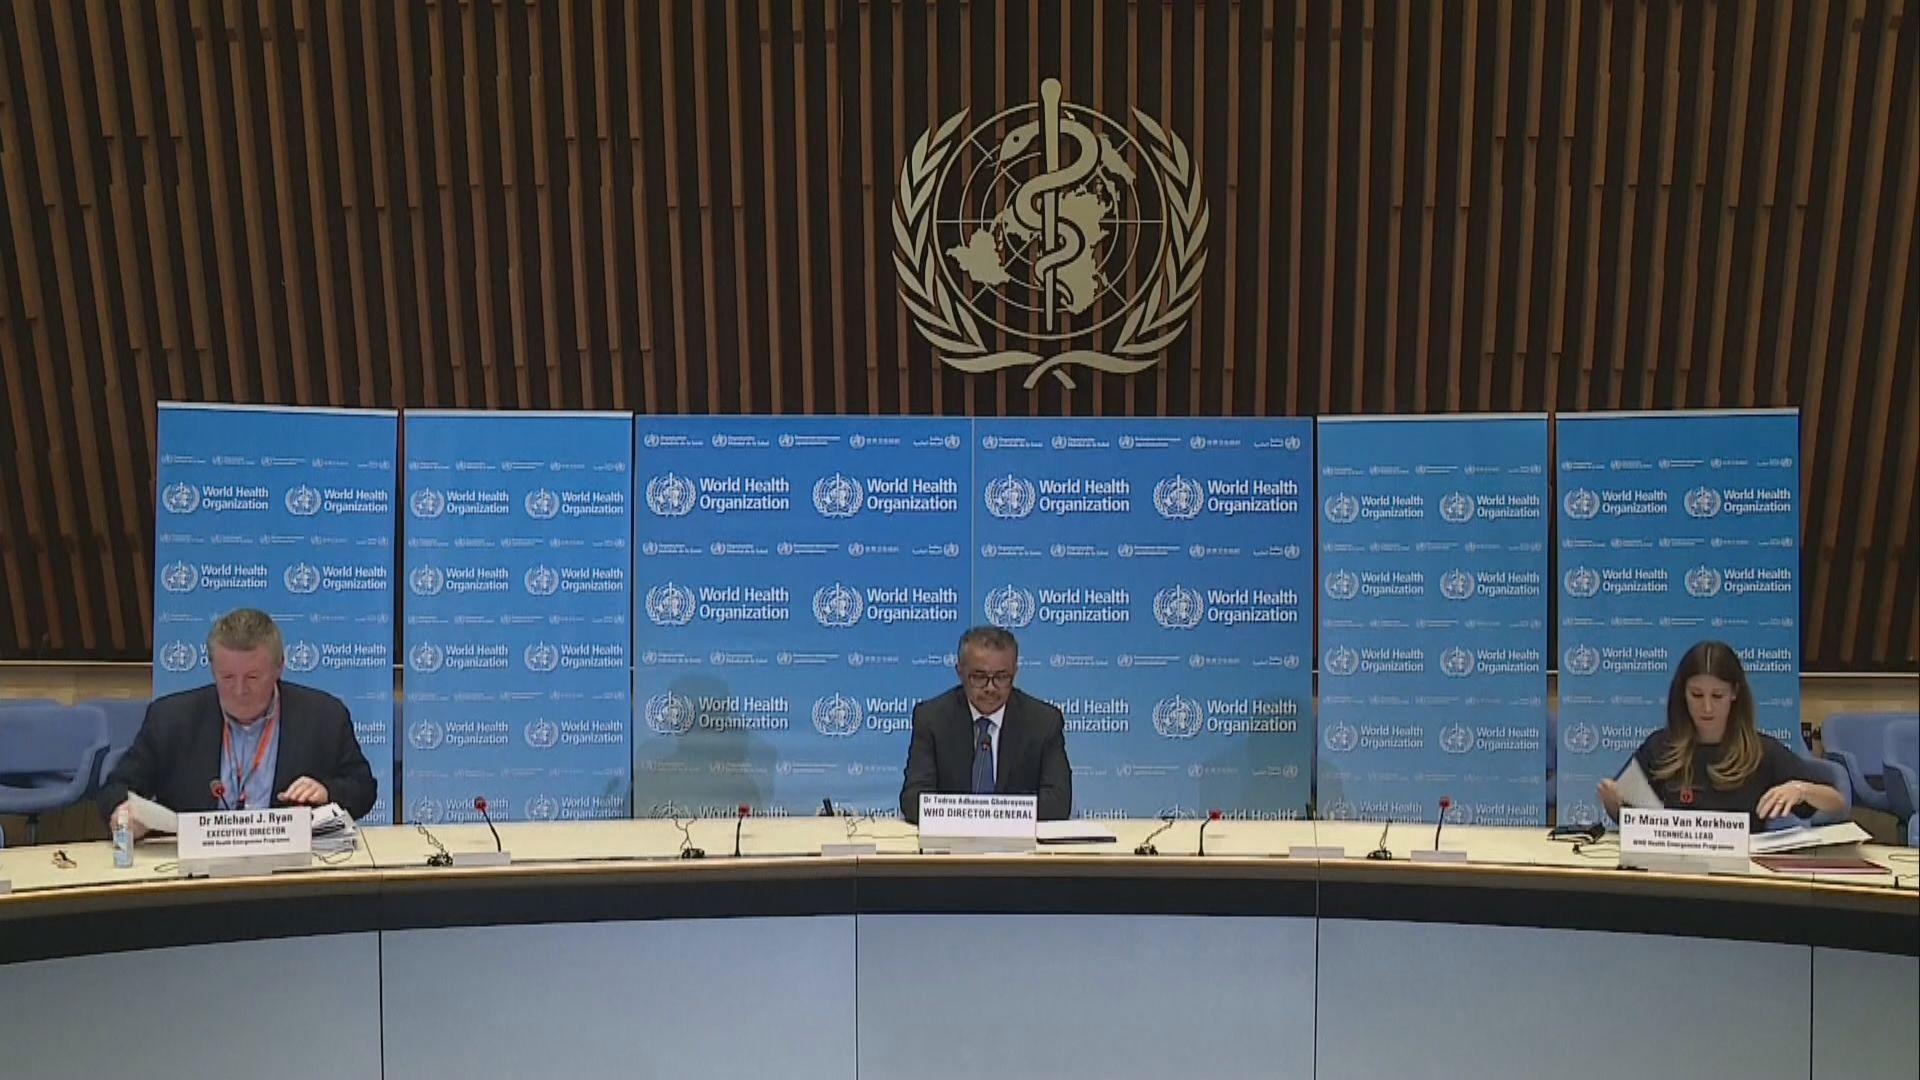 世衛與各國就逐步解除限制民眾活動措施制訂策略